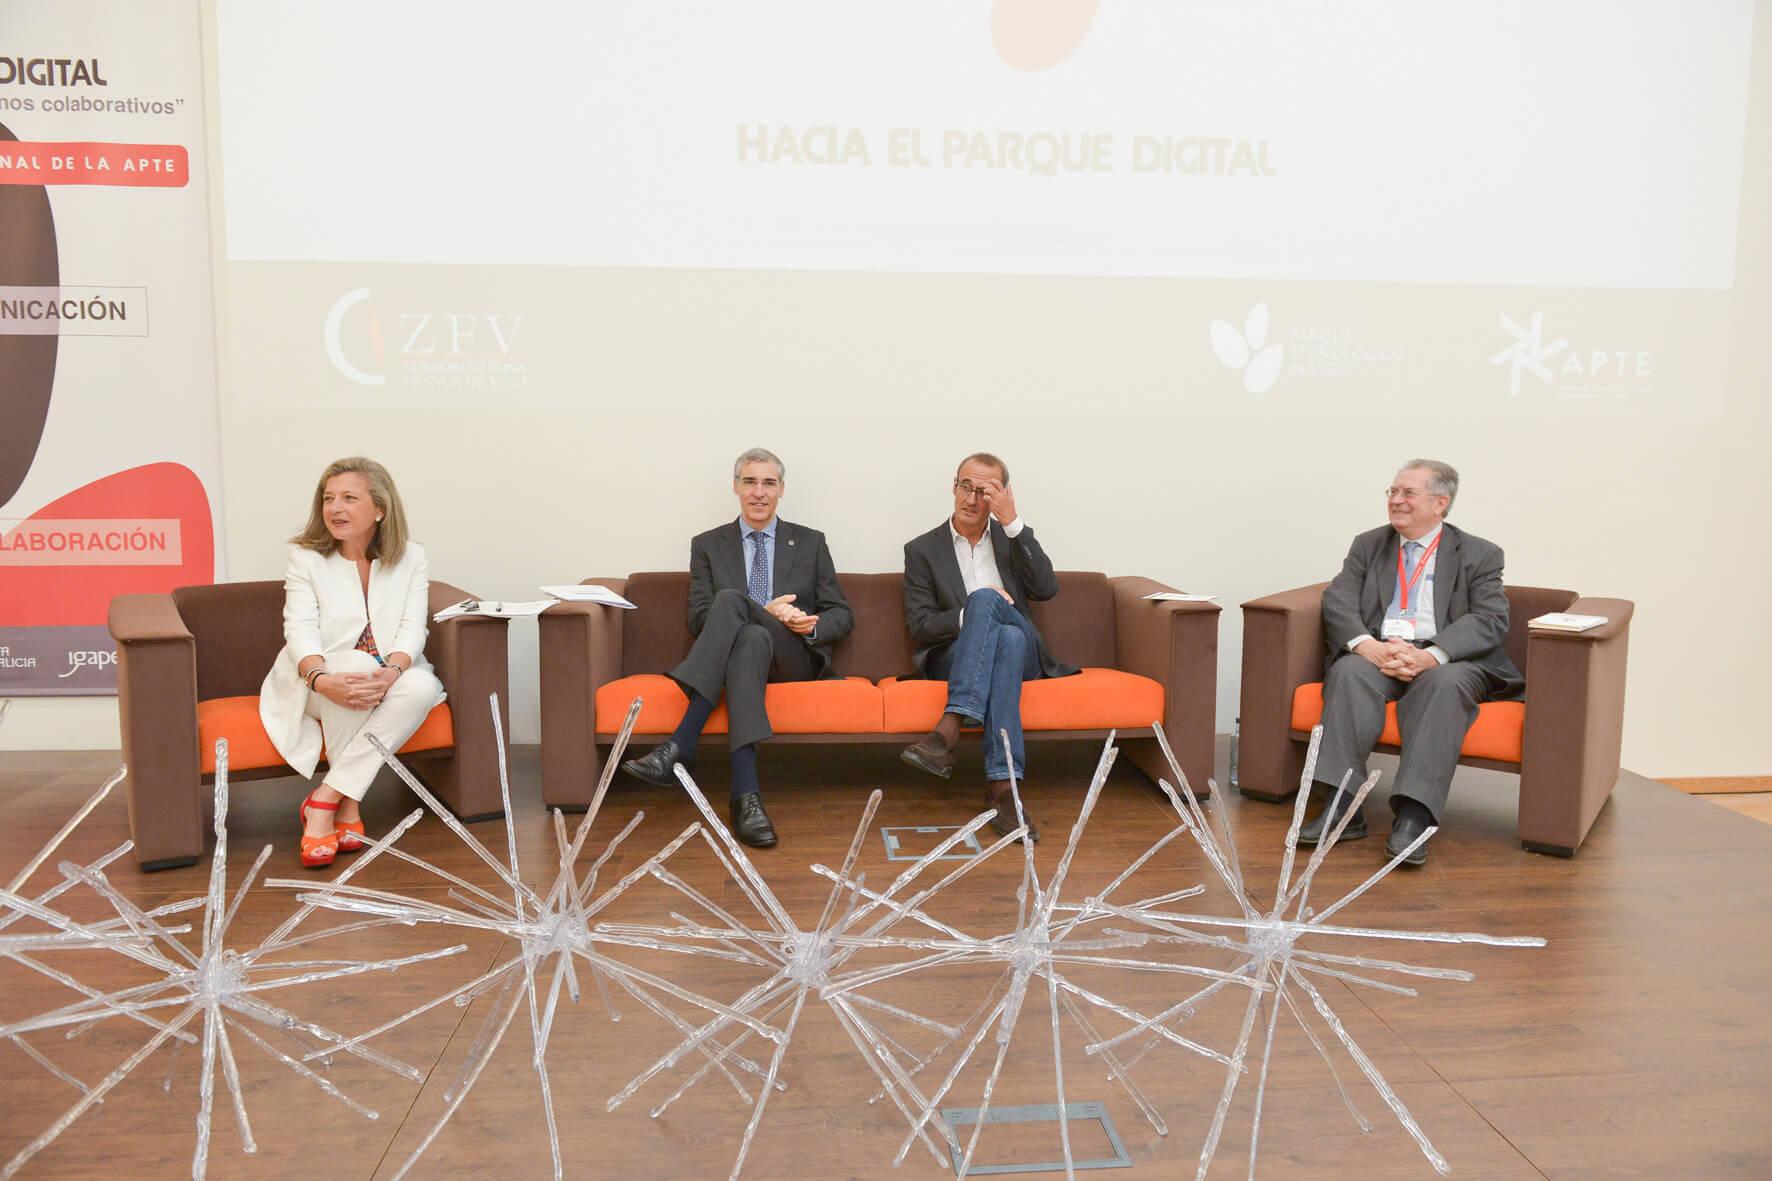 XIII Conferencia Internacional da APTE. Organización 2.0.